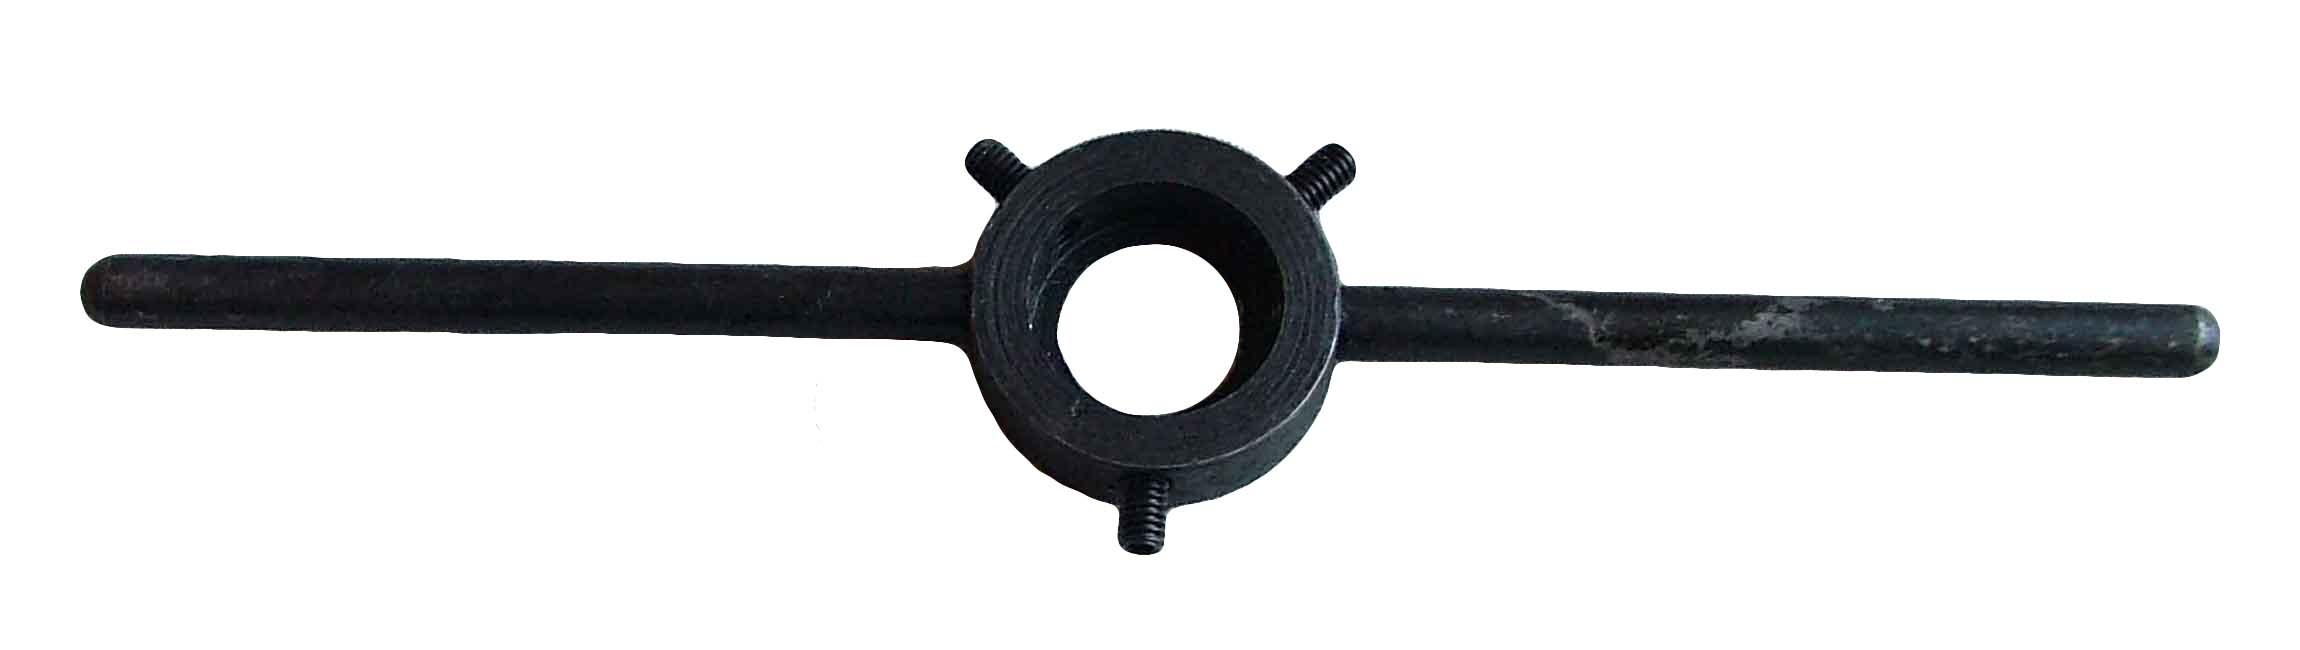 ripas griežamās - Vītņu ripas turētājs d90 - Vītņripas